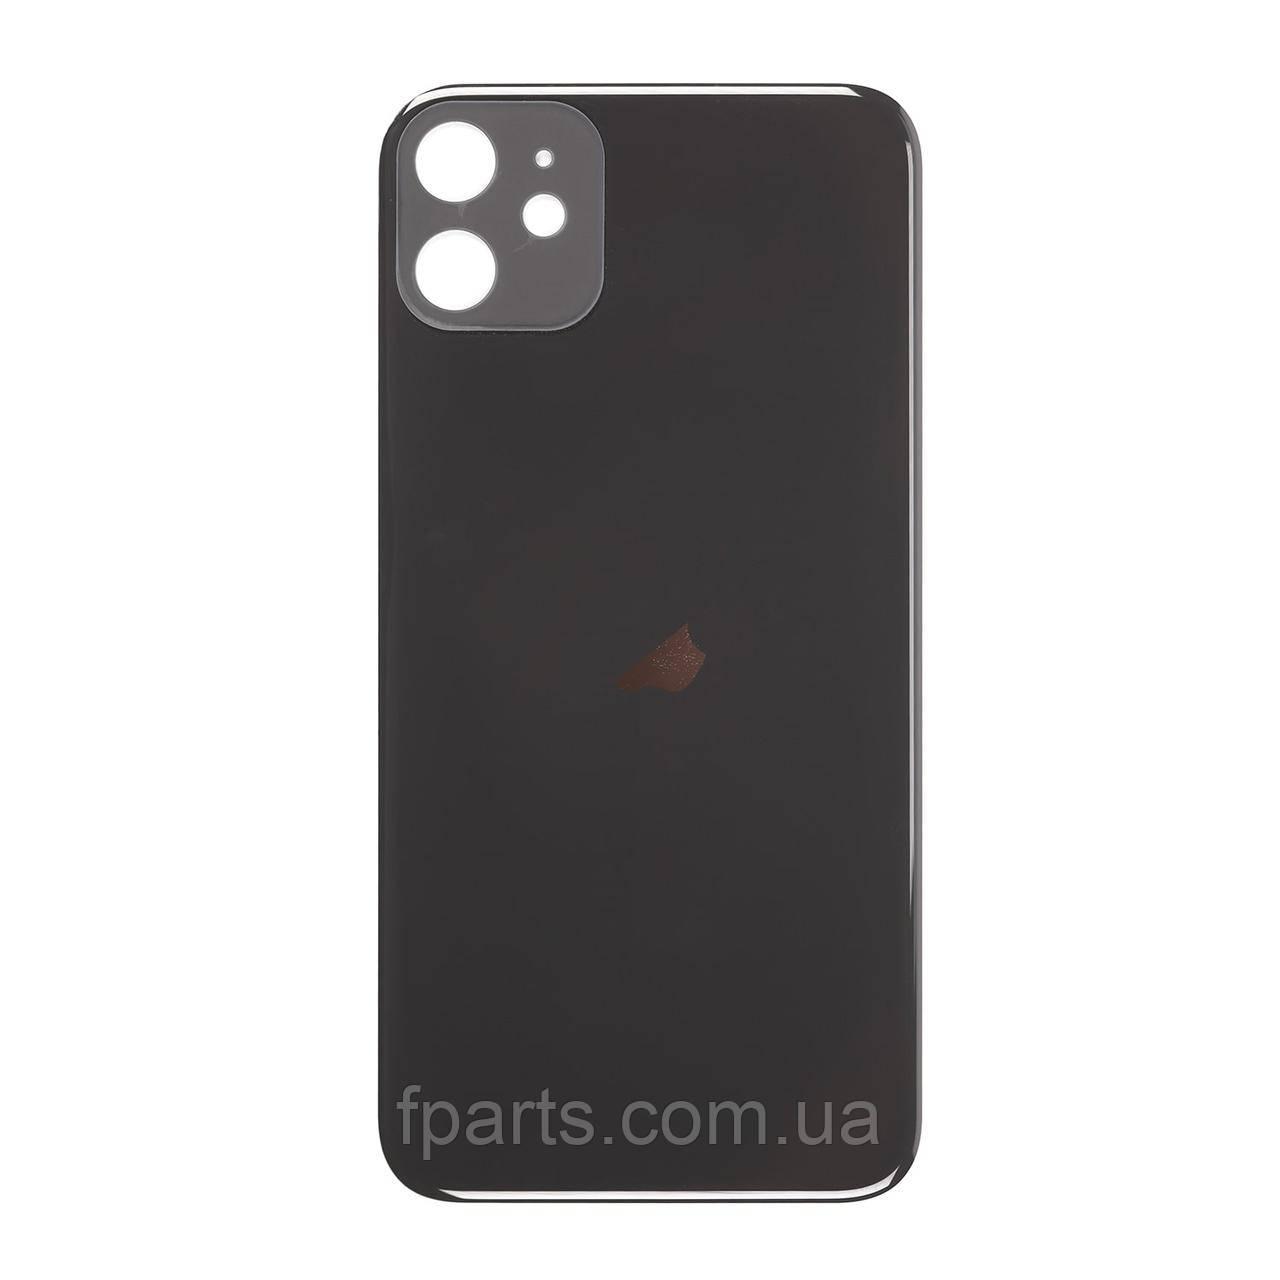 Задняя крышка iPhone 11 (большой вырез под камеру) Black